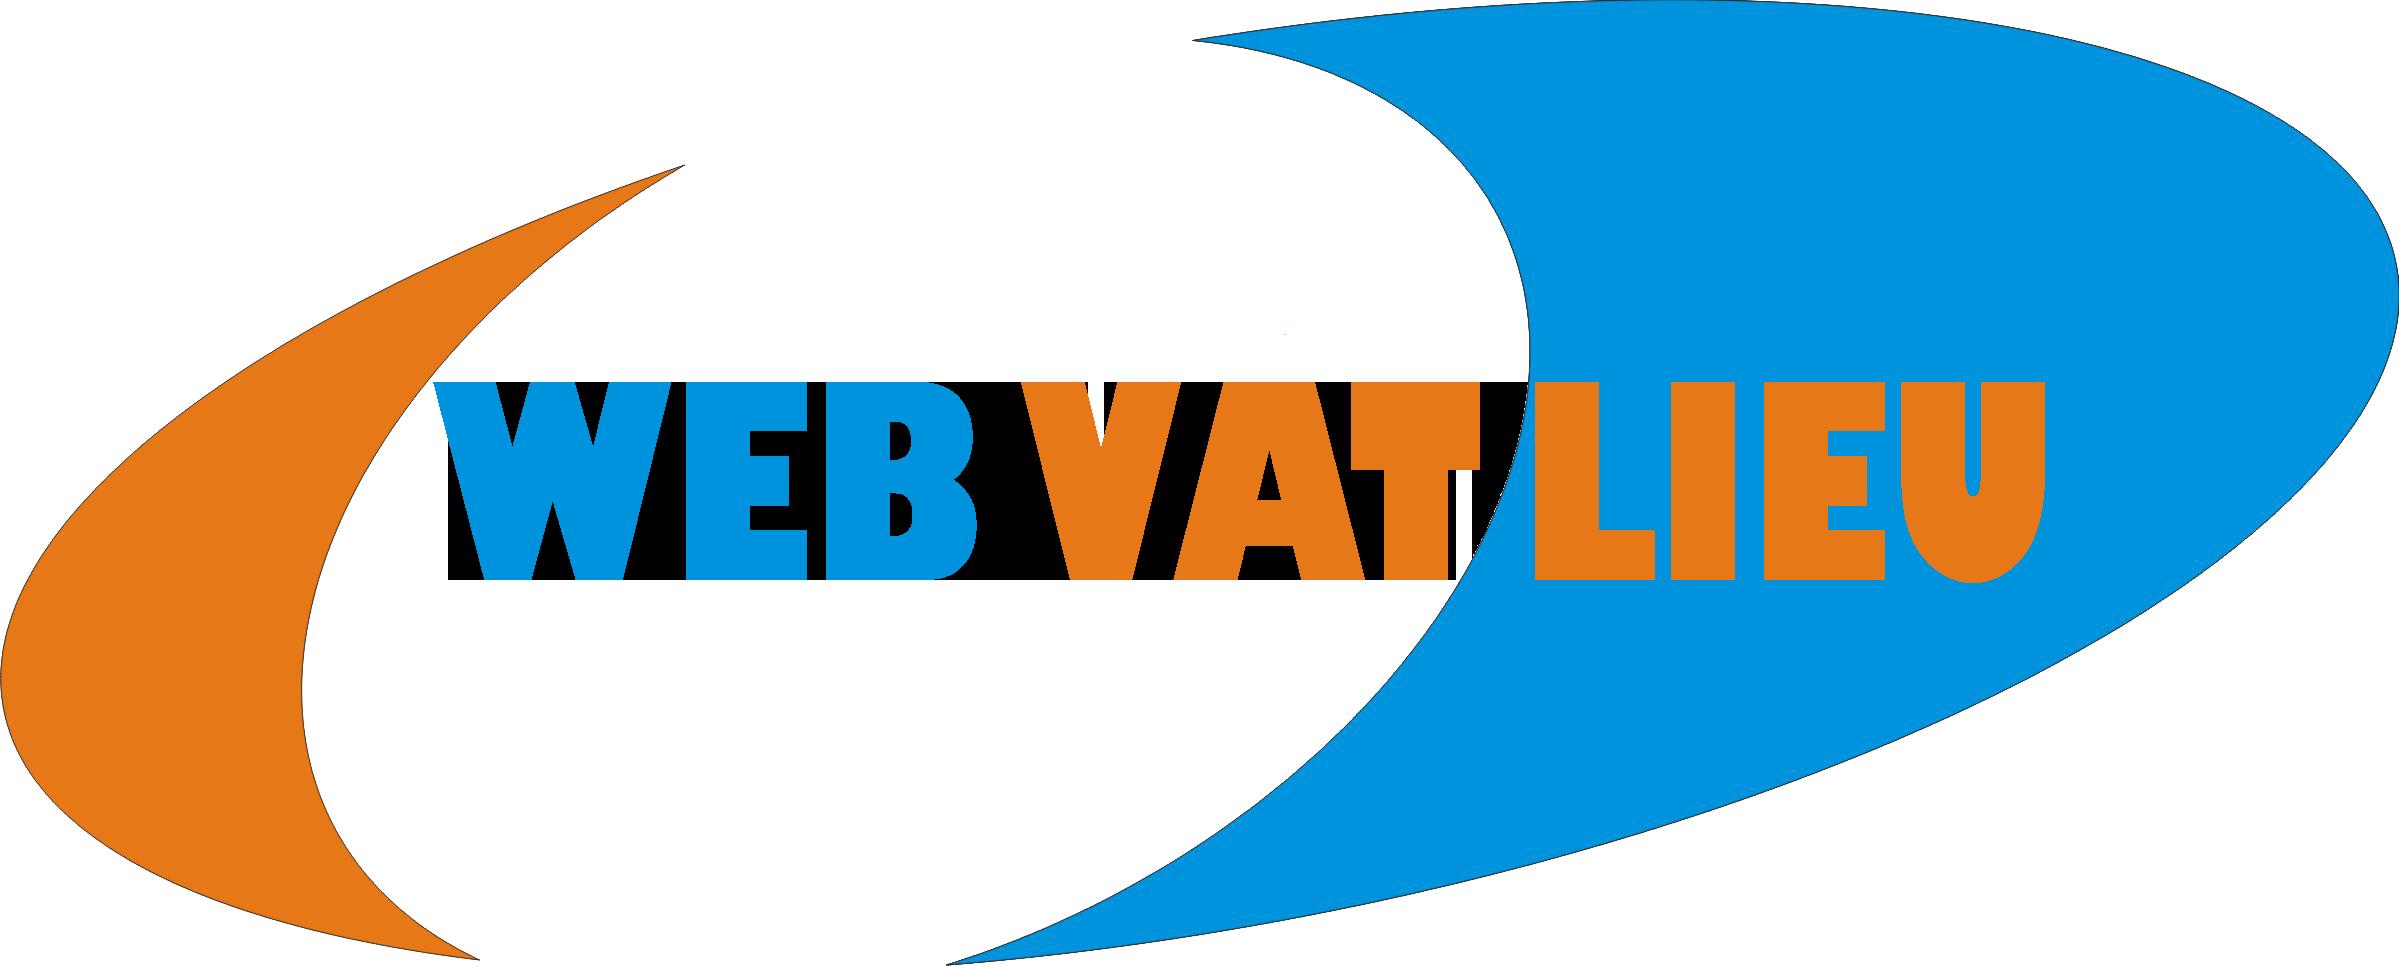 Webvatlieu – Trang thông tin vật liệu xây dựng